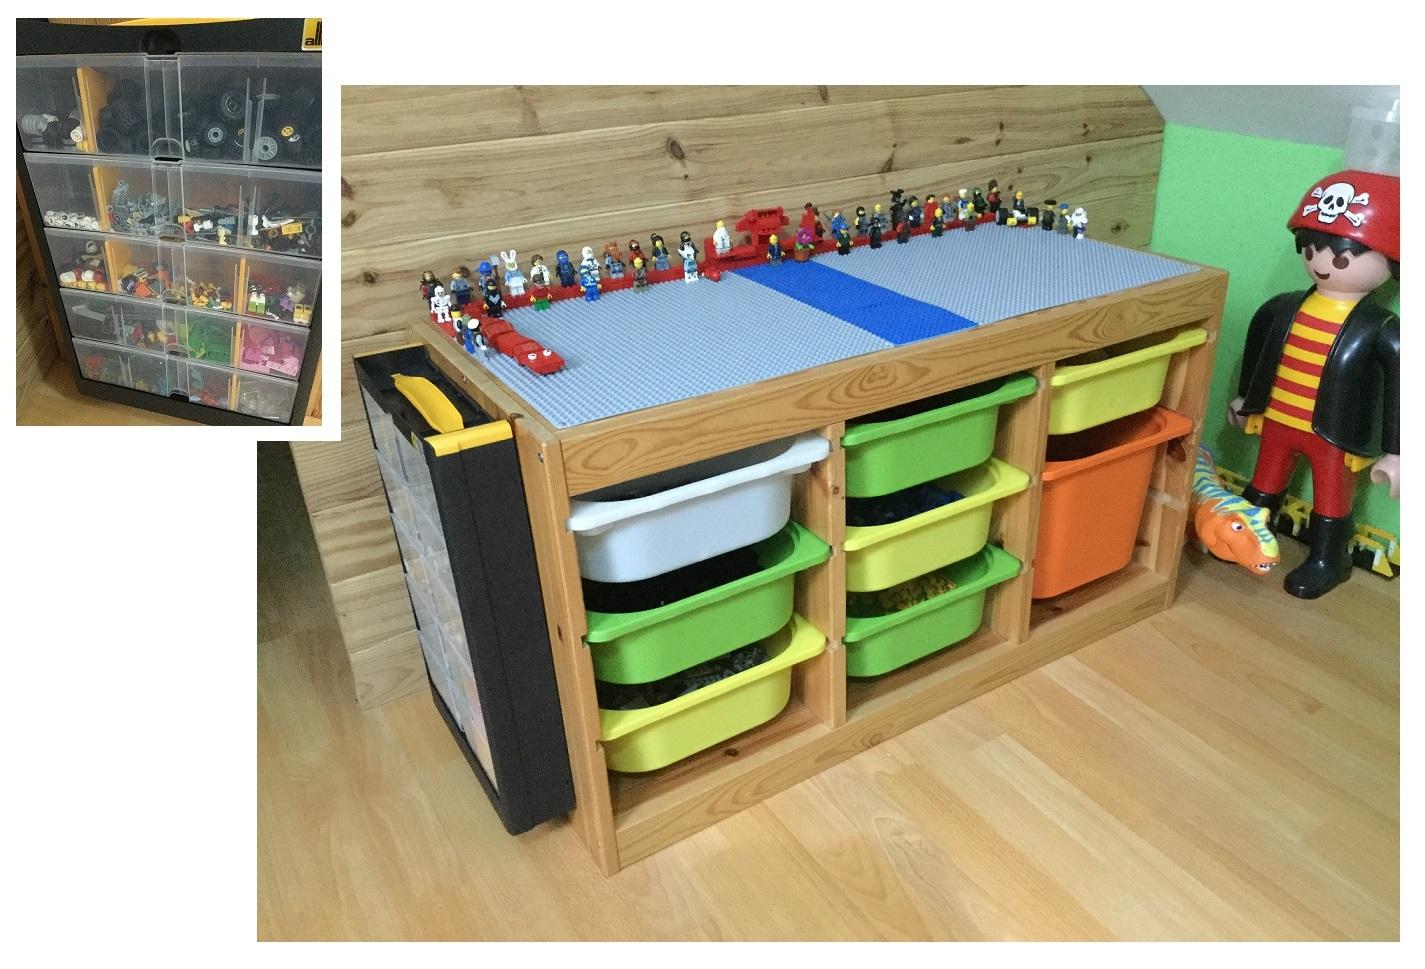 assistante maternelle alt a 3 somme. Black Bedroom Furniture Sets. Home Design Ideas